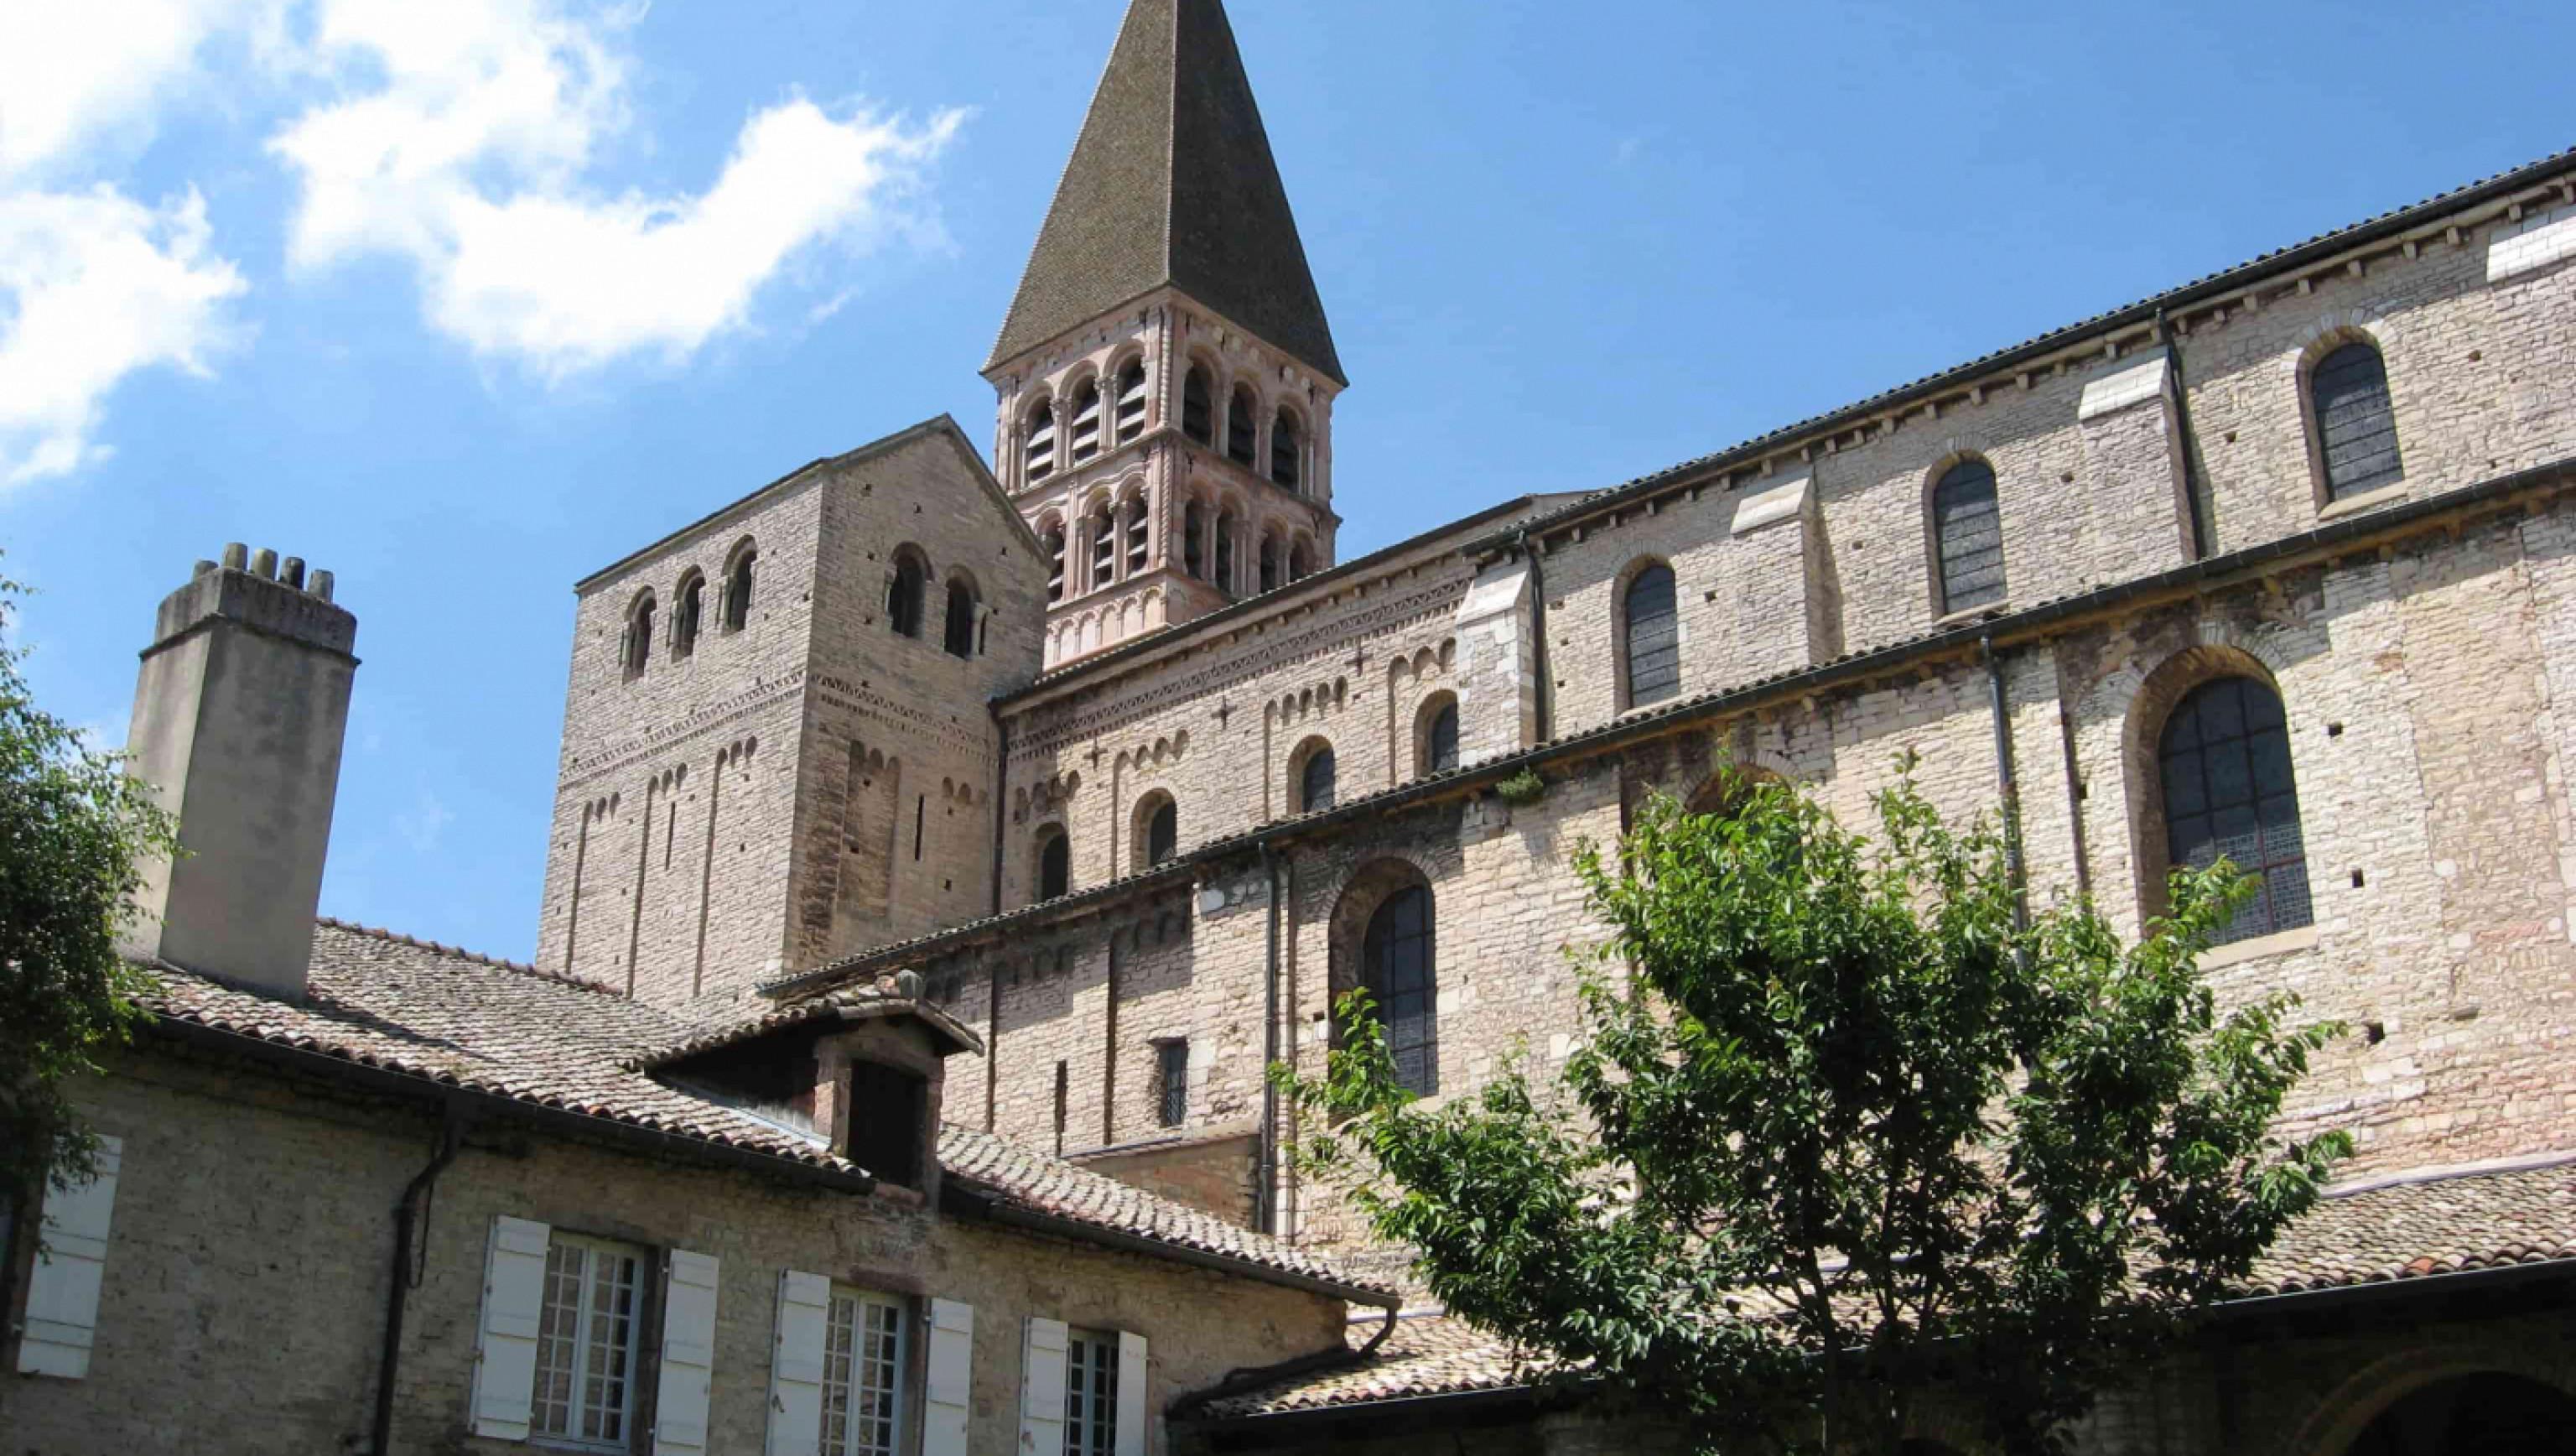 abbaye st philibert tournus.jpg